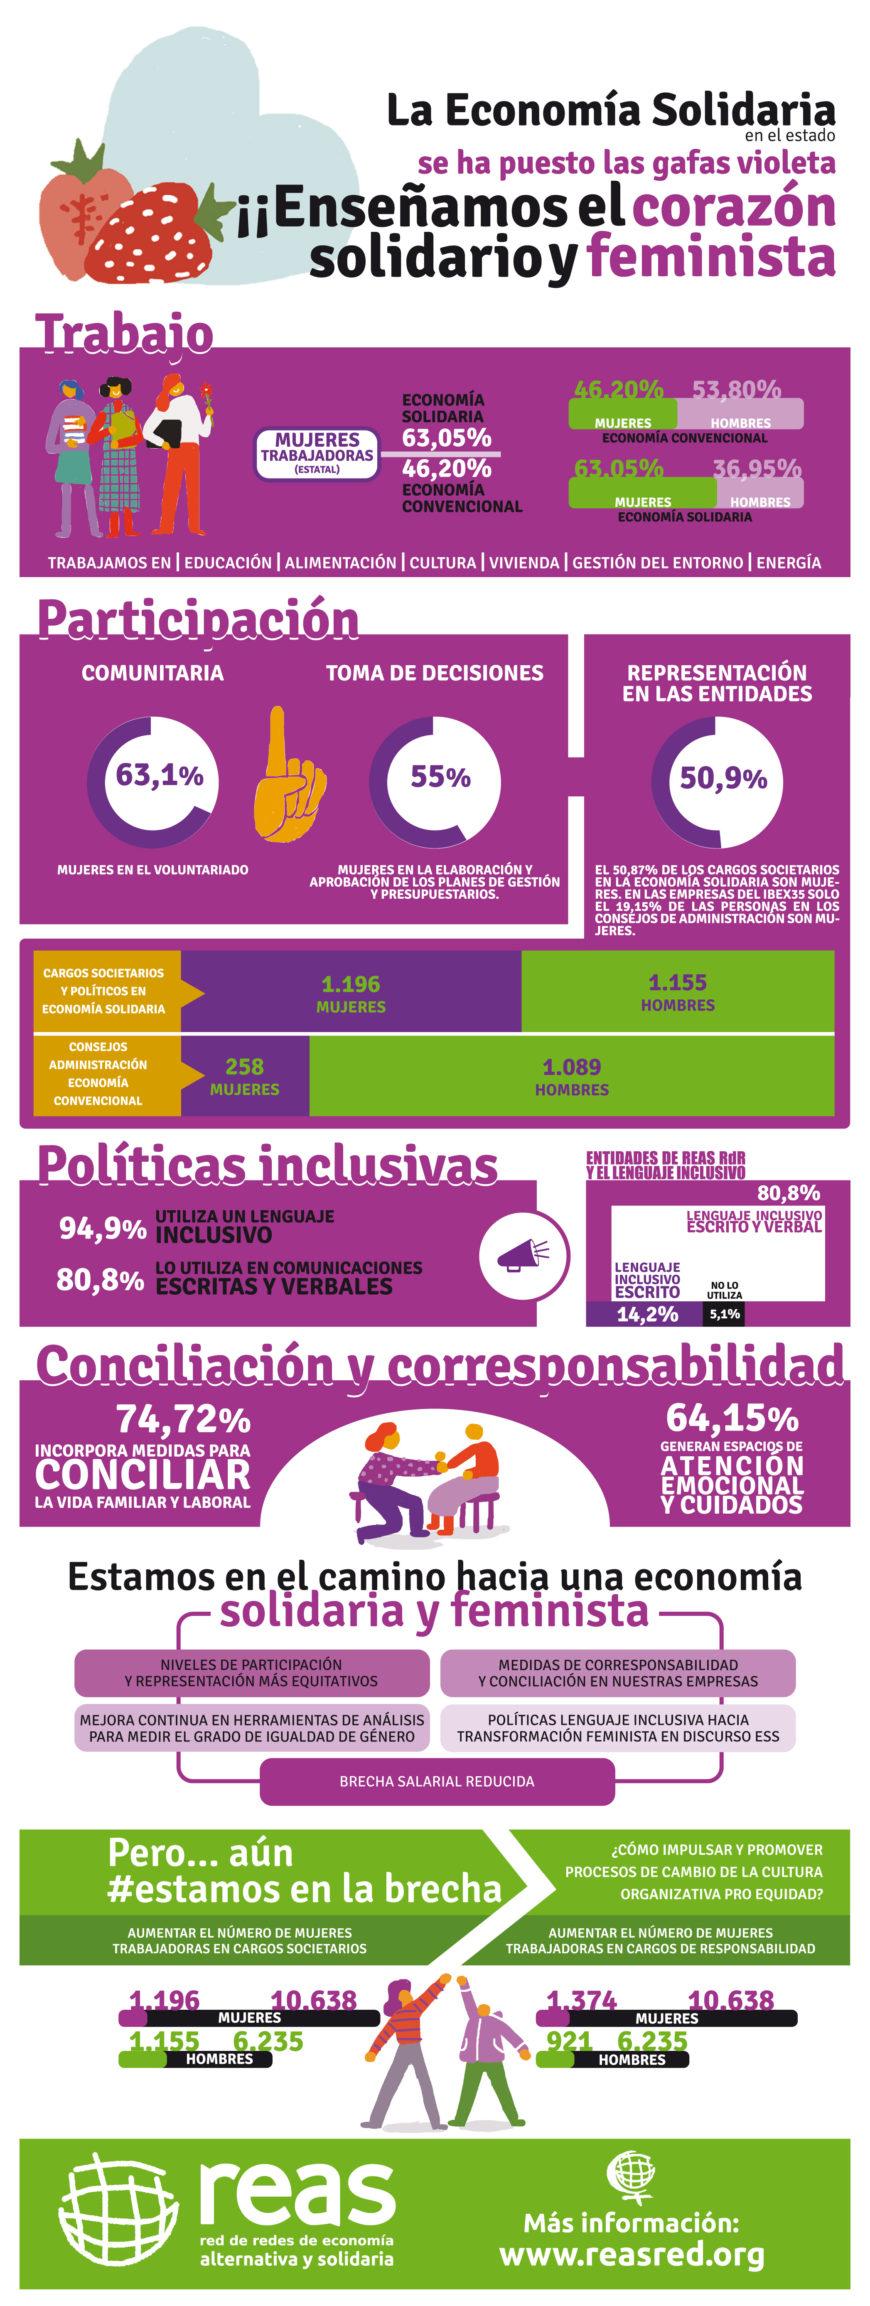 Infografía de REAS en la que se muestran datos sobre Economía solidaria